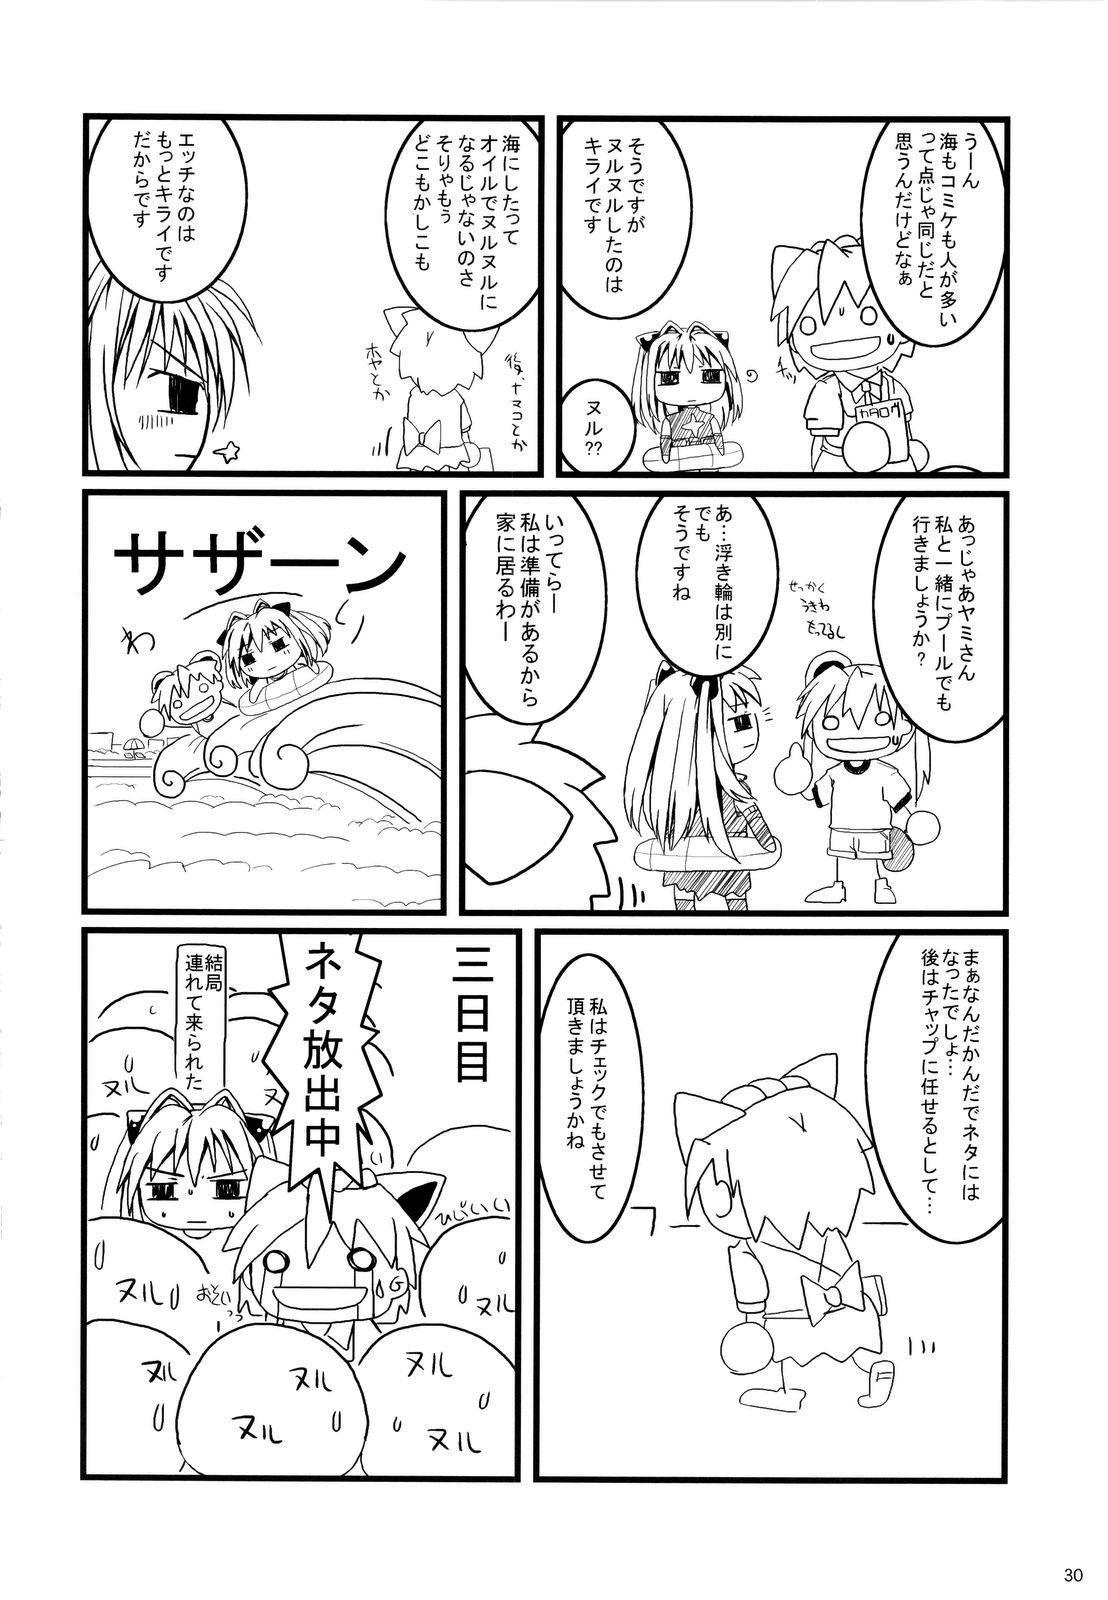 Ero ii wa Seigi 28